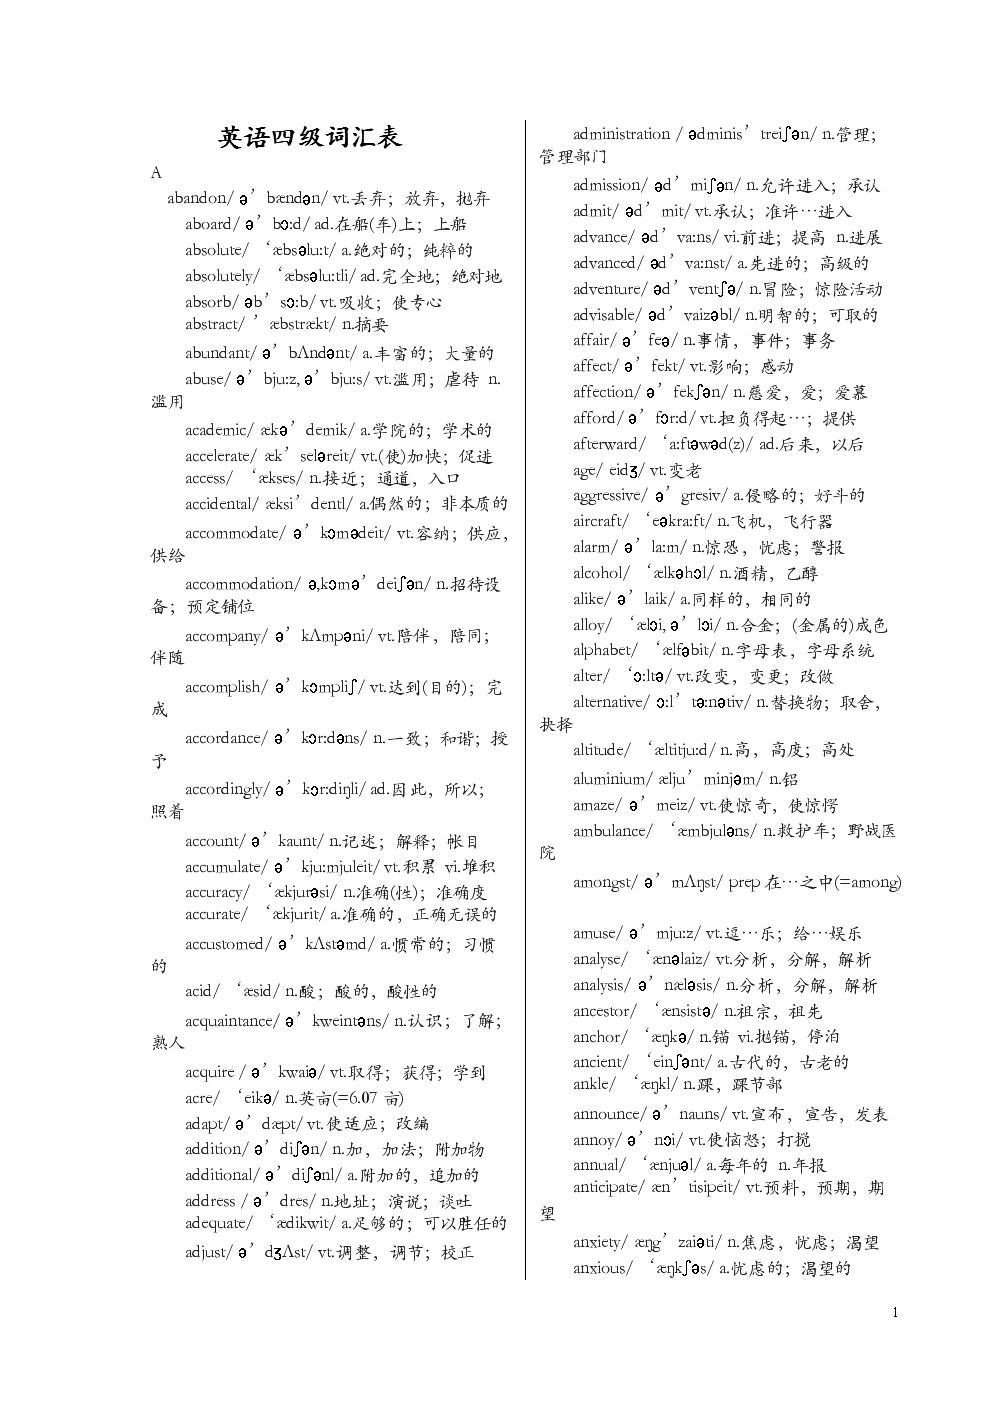 英语四级的词汇表【带音标】.doc